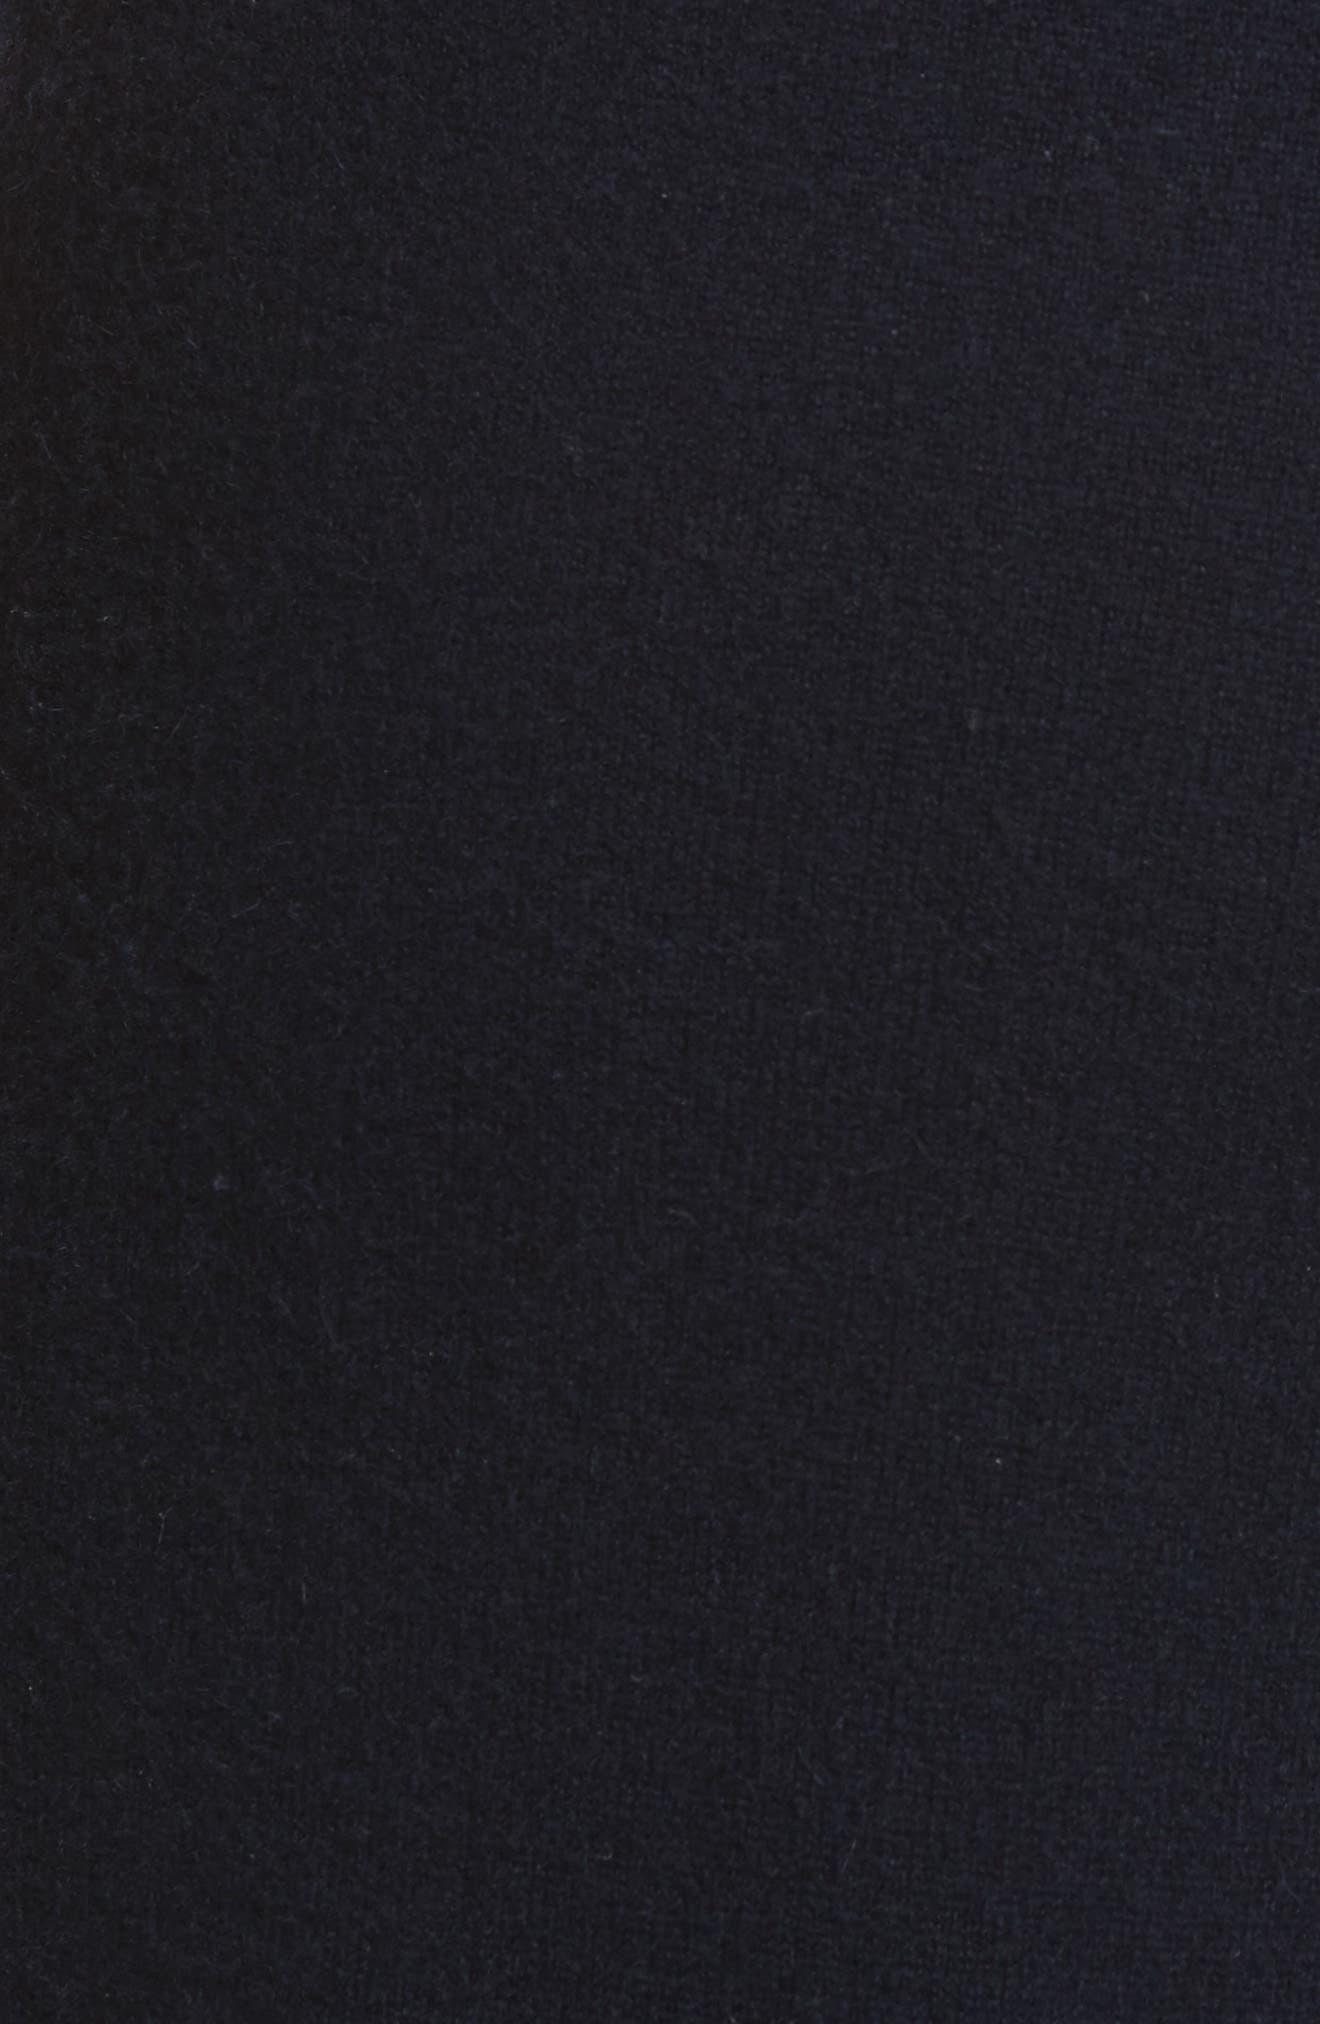 Wide Leg Wool & Cashmere Knit Crop Pants,                             Alternate thumbnail 6, color,                             403